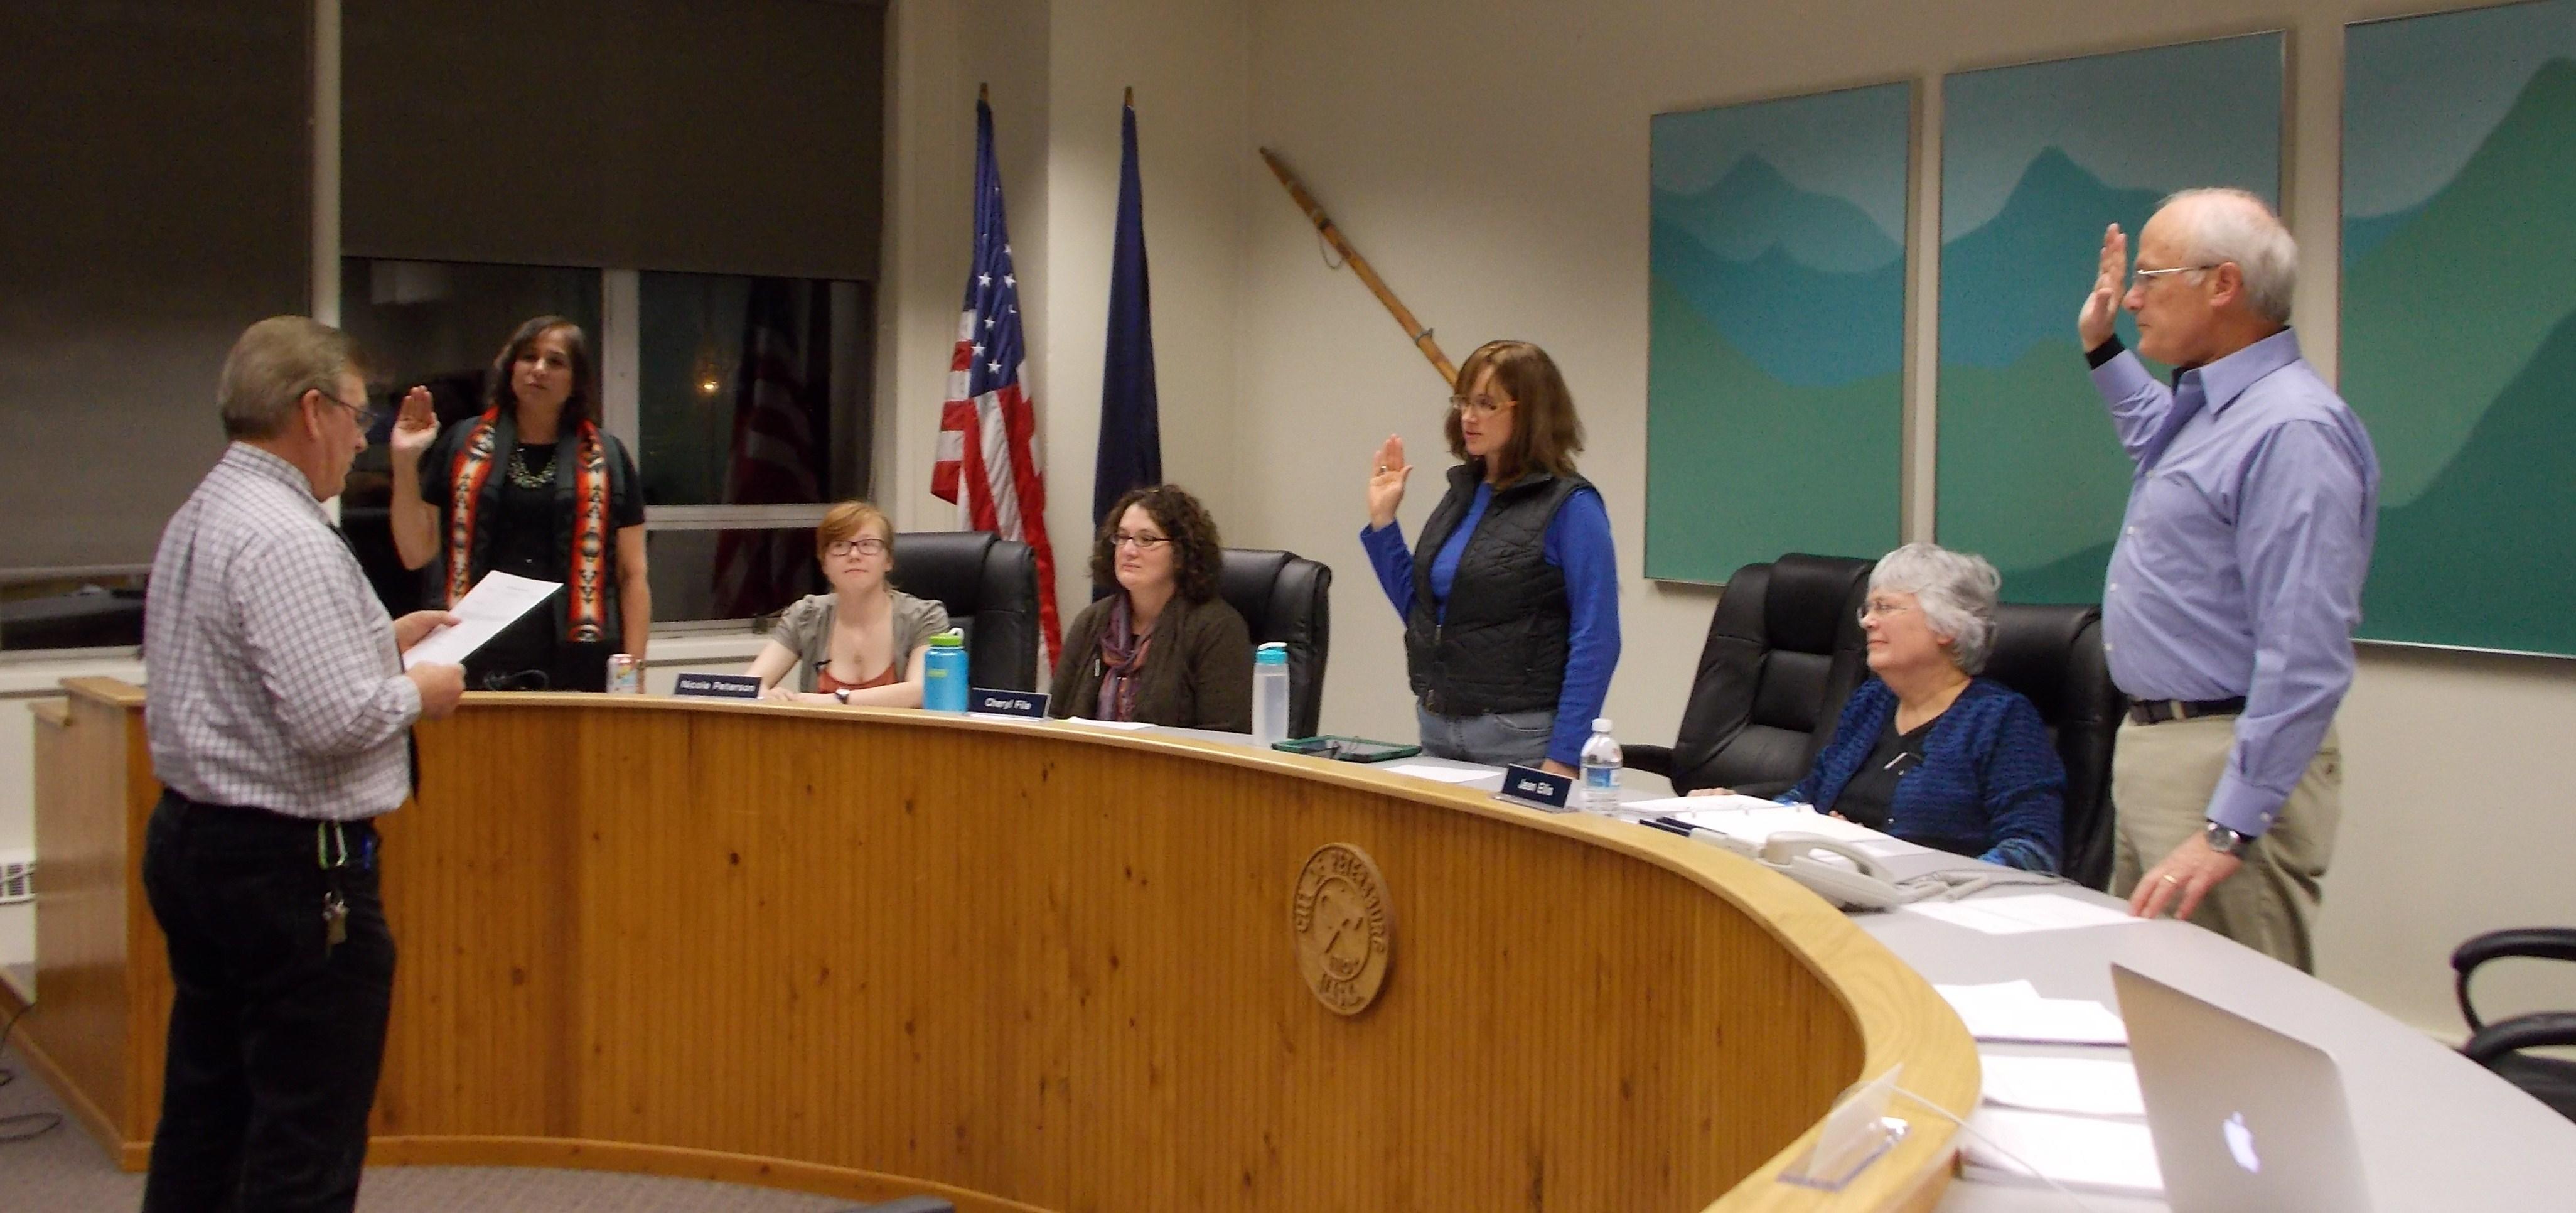 New borough school board fills vacant seats, discusses school security